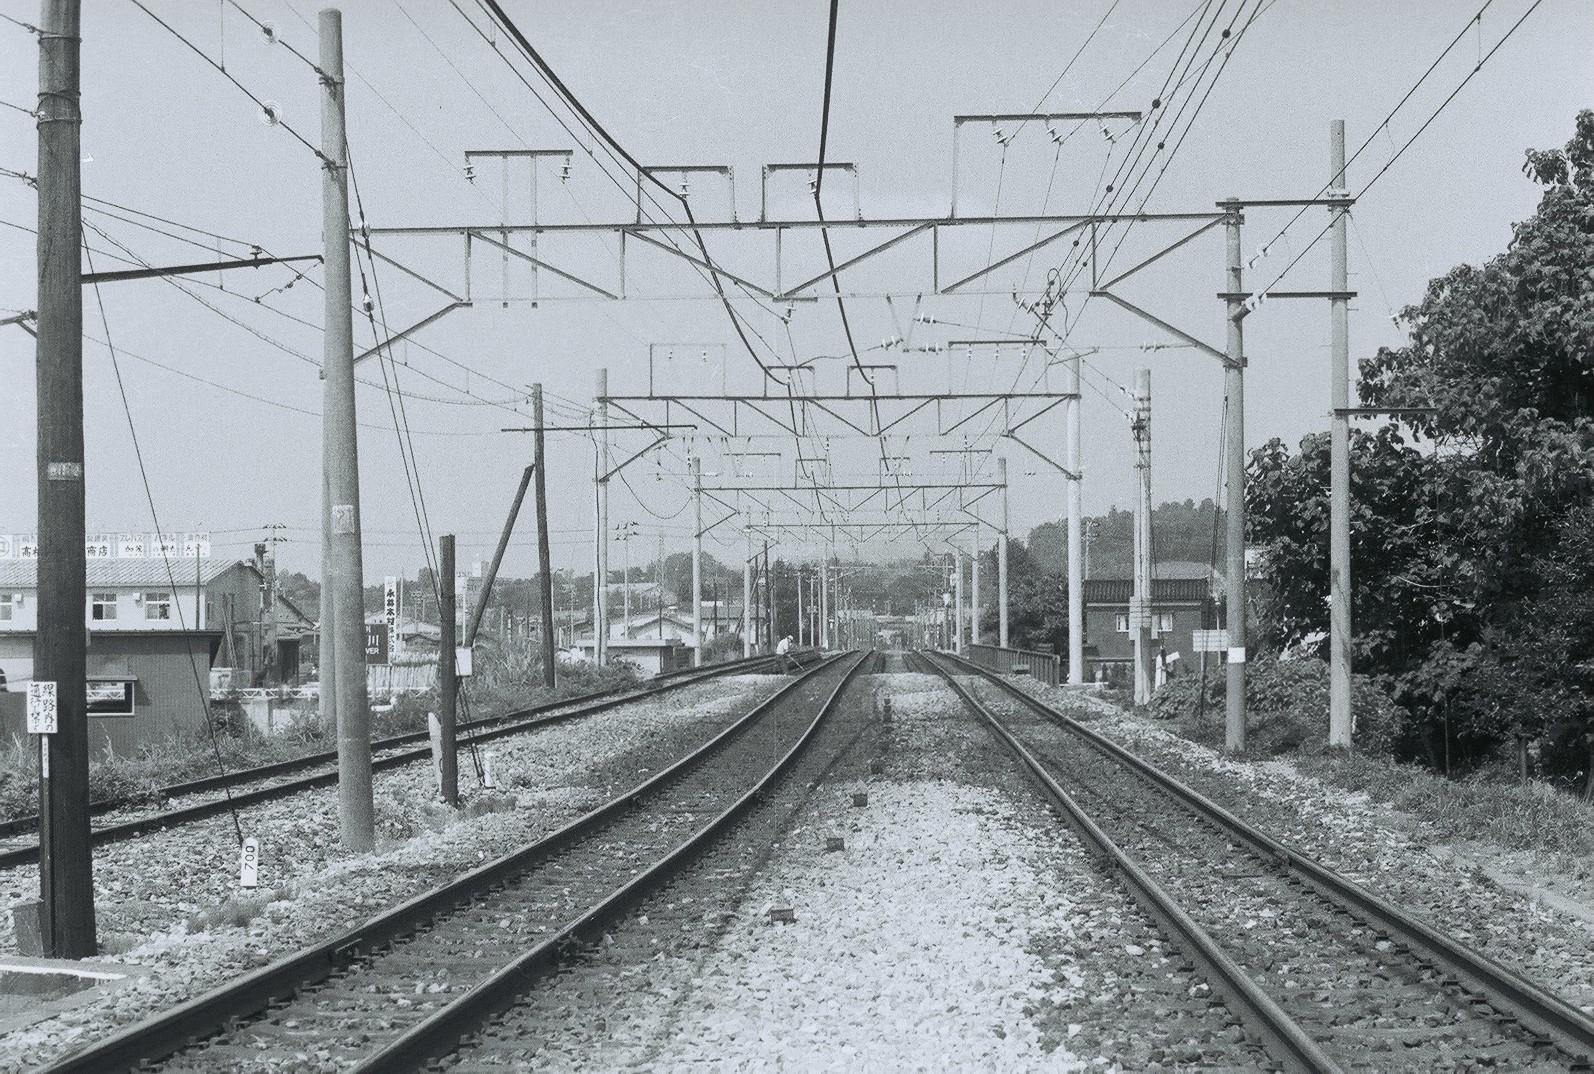 加茂(信越線) 1979/8/9: 懐かしい駅の風景~線路配線図とともに